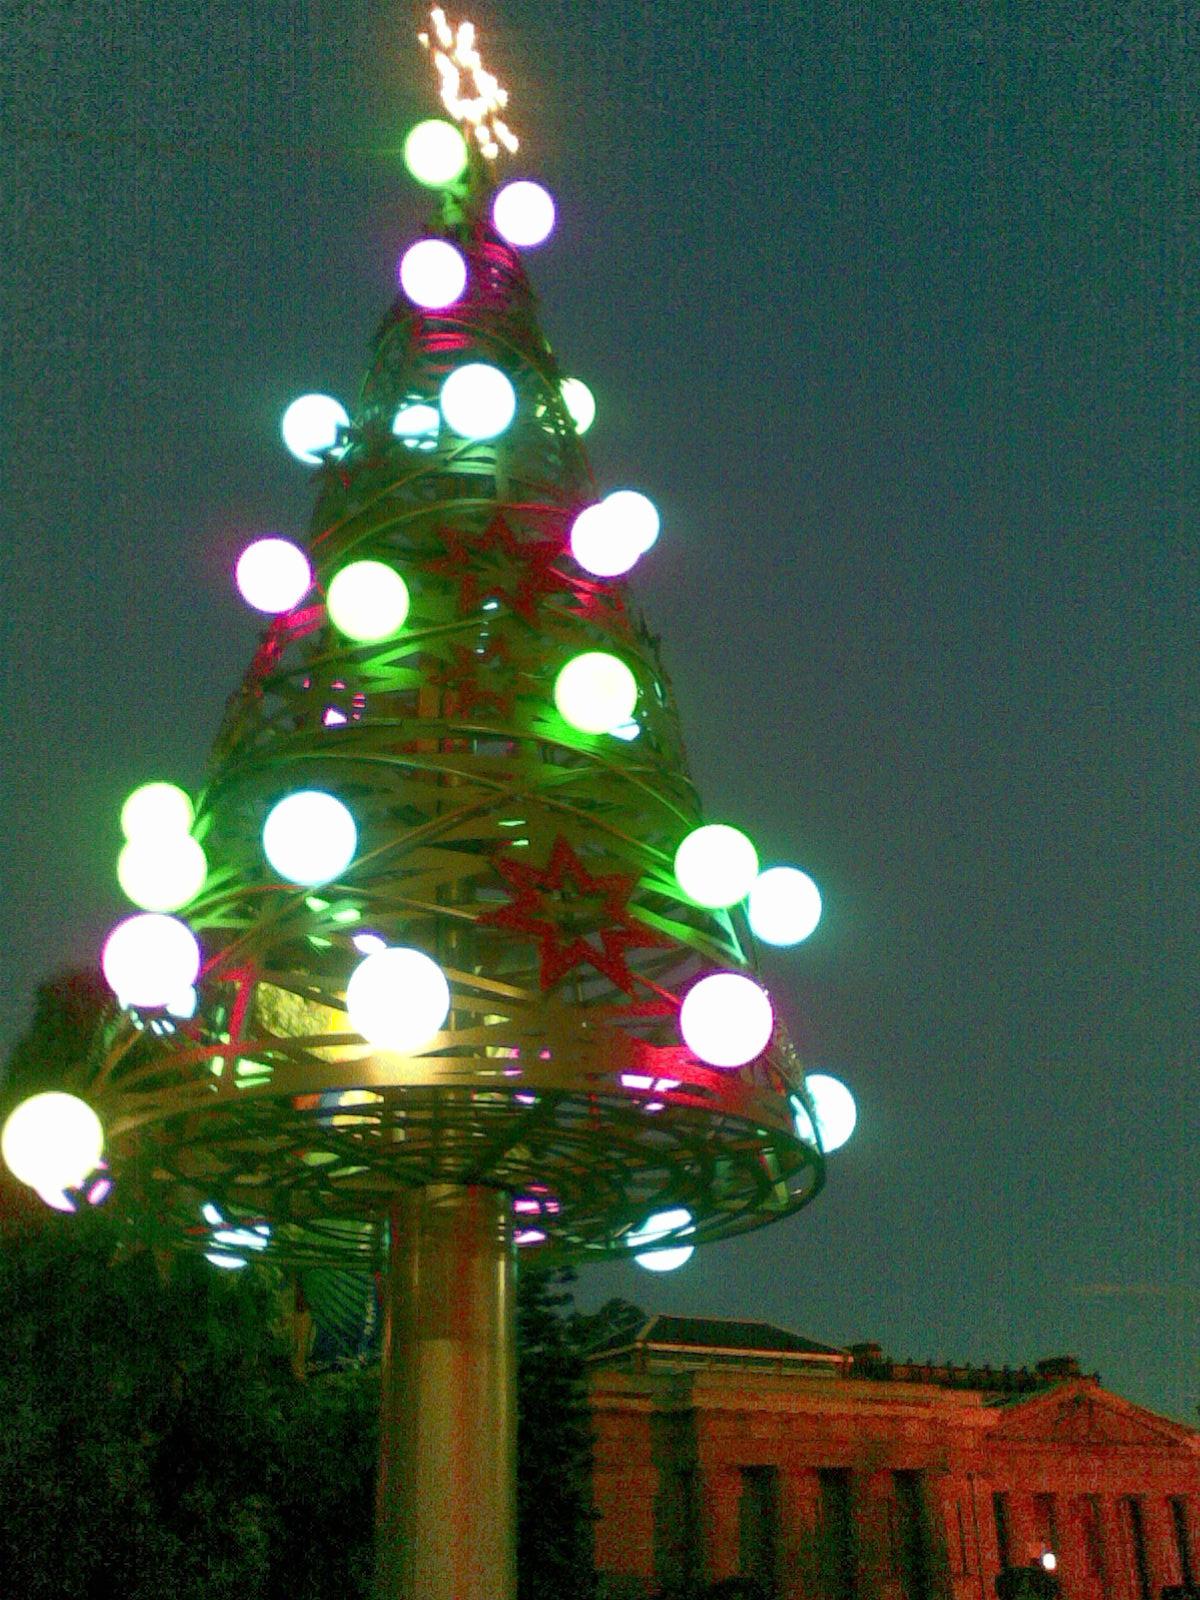 クリスマスツリー イルミネーション シドニー